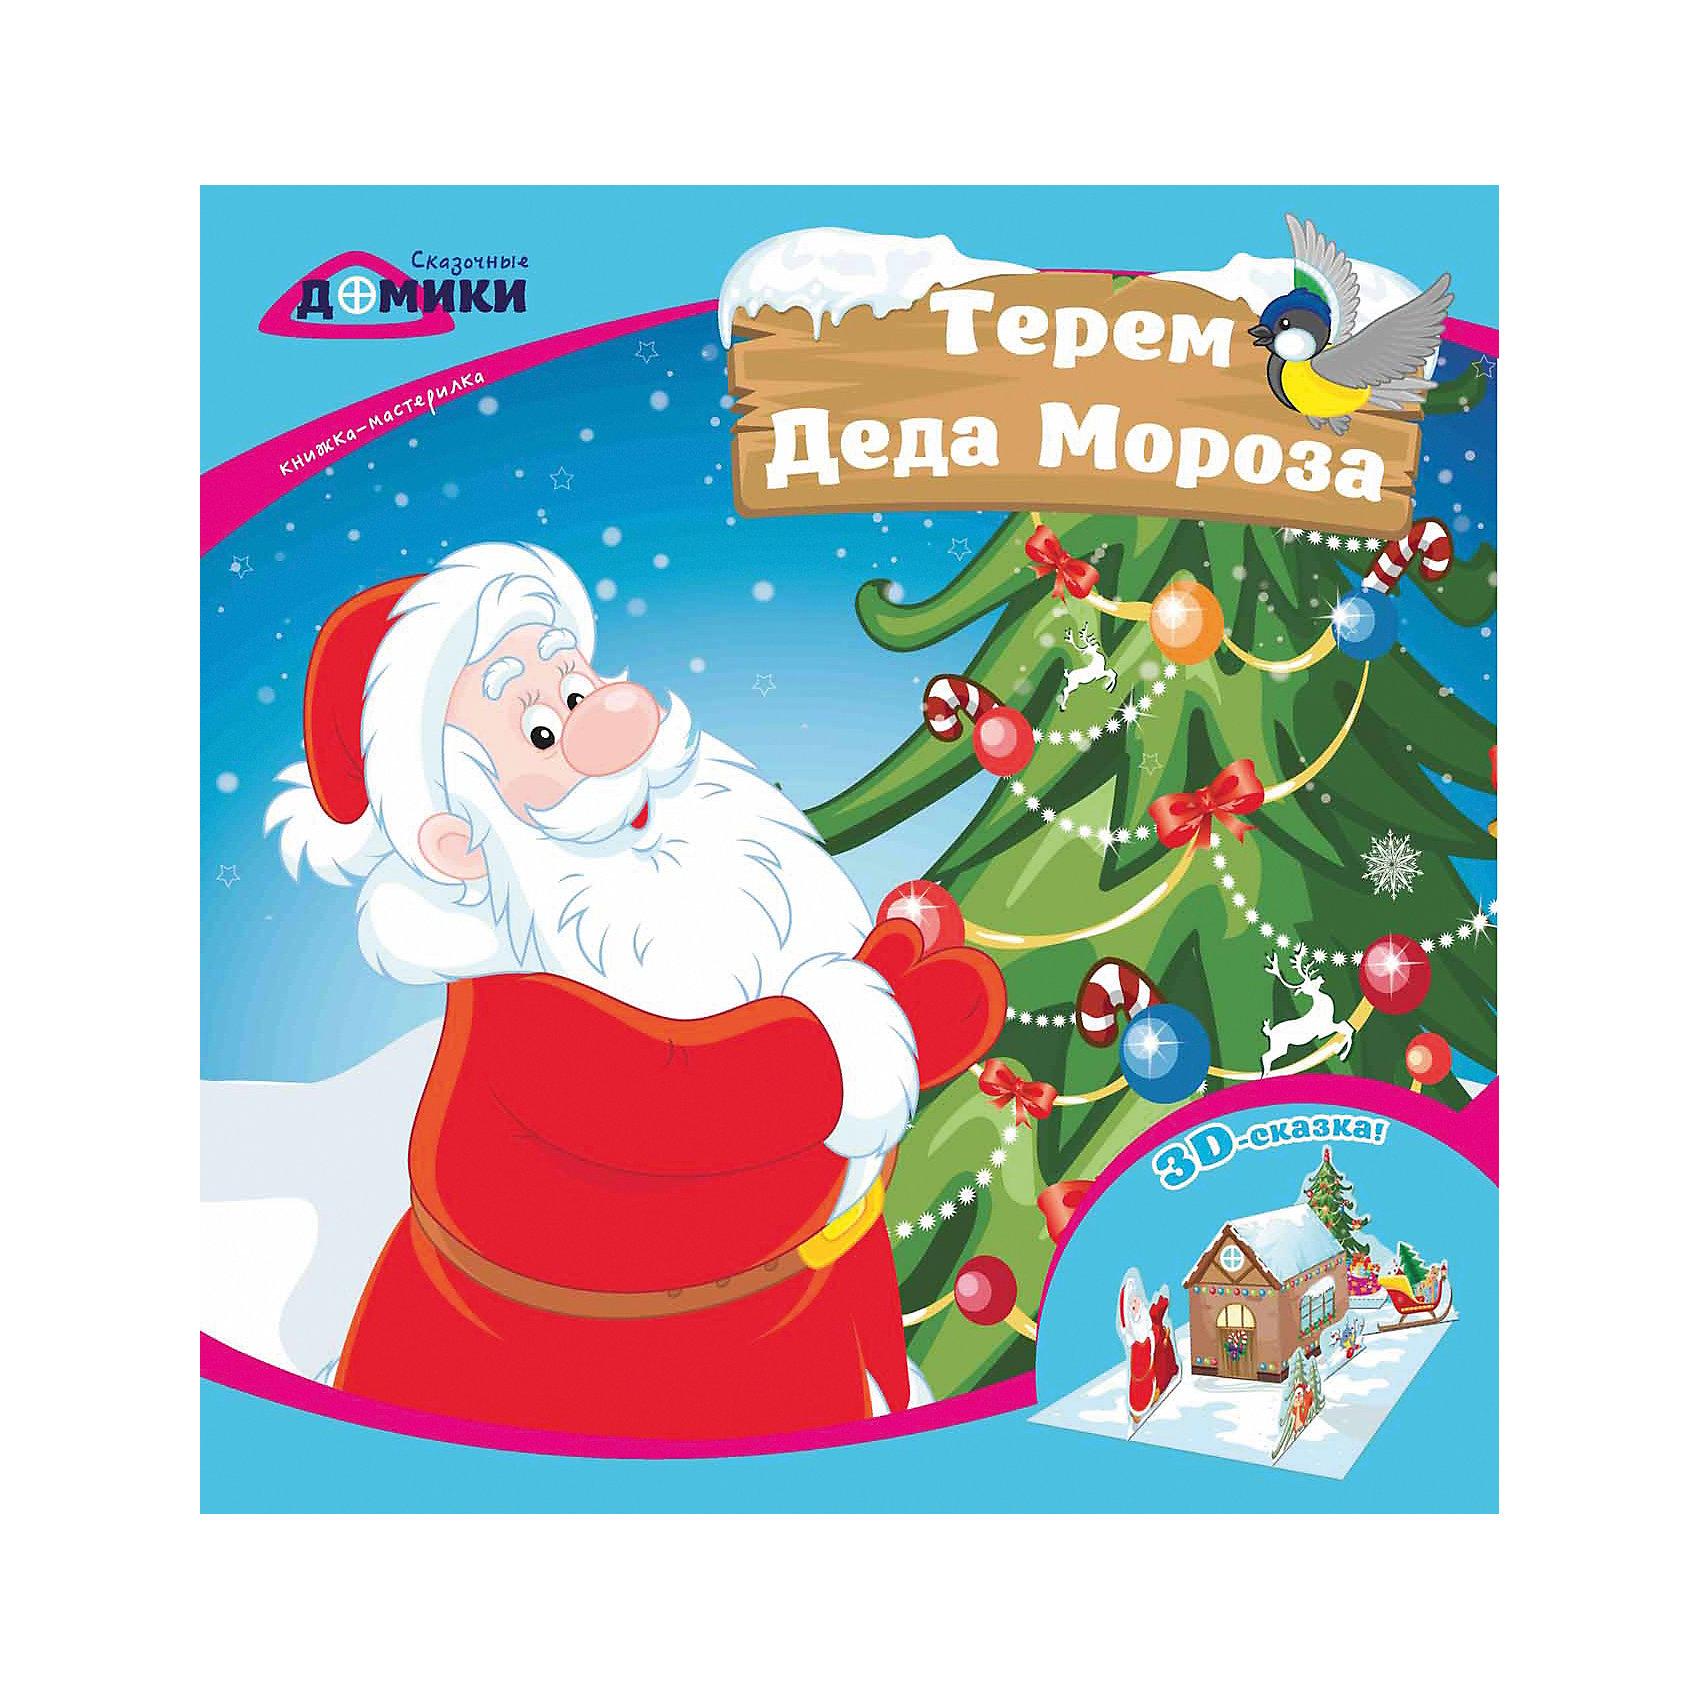 Терем Деда Мороза:книжка-мастерилкаНовогодние книги<br>Любимые персонажи в формате 3D! Для создания яркого сказочного домика понадобятся всего-навсего ножницы, клей и немного свободного времени. Оживи знакомых героев зимних сказок!<br><br>Ширина мм: 216<br>Глубина мм: 215<br>Высота мм: 1<br>Вес г: 42<br>Возраст от месяцев: 12<br>Возраст до месяцев: 72<br>Пол: Унисекс<br>Возраст: Детский<br>SKU: 5120189